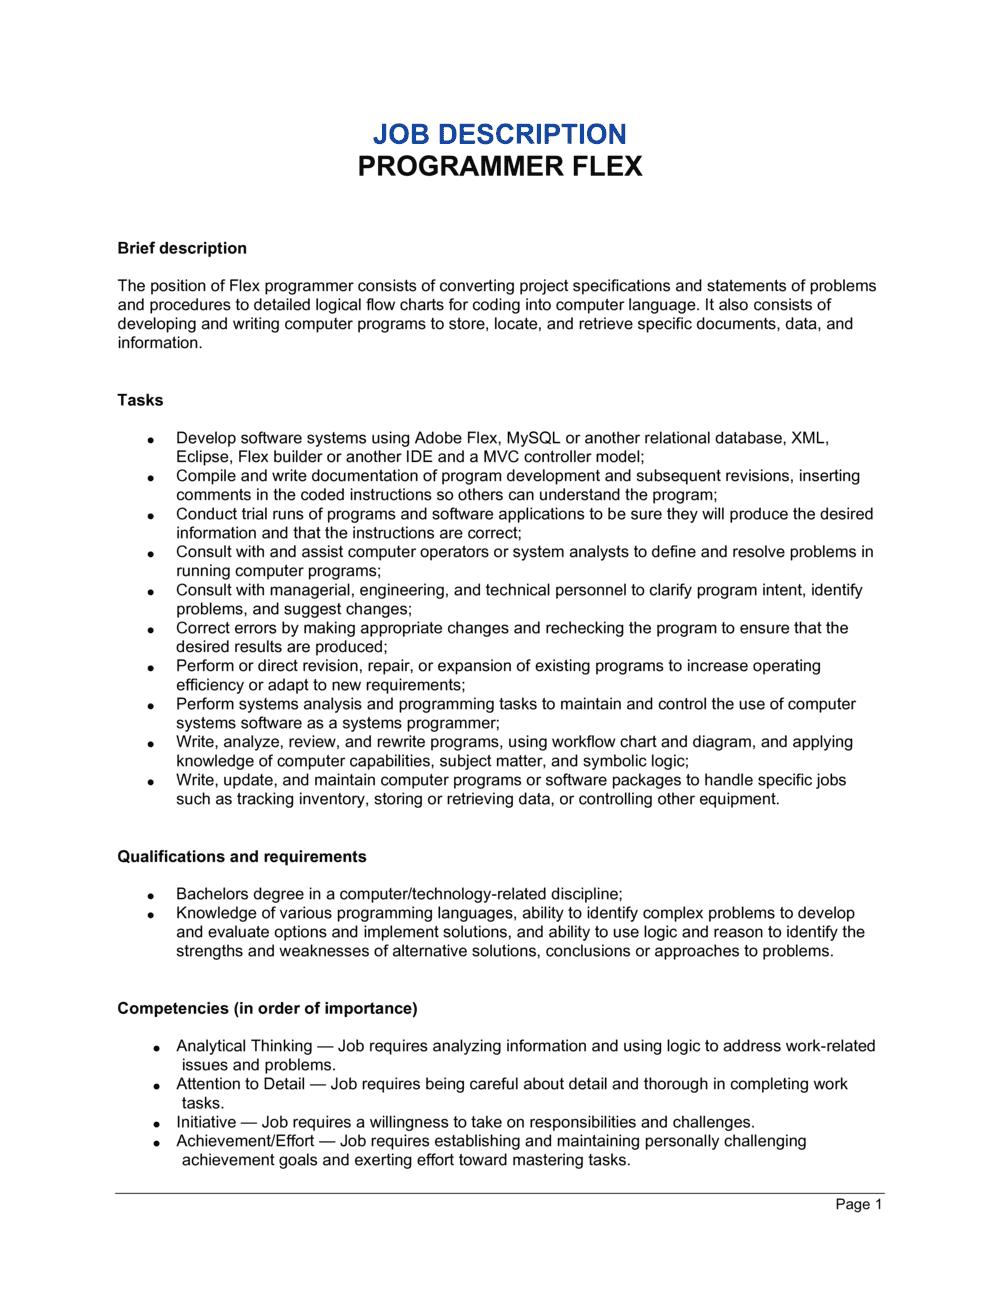 Business-in-a-Box's Programmer Flex Job Description Template